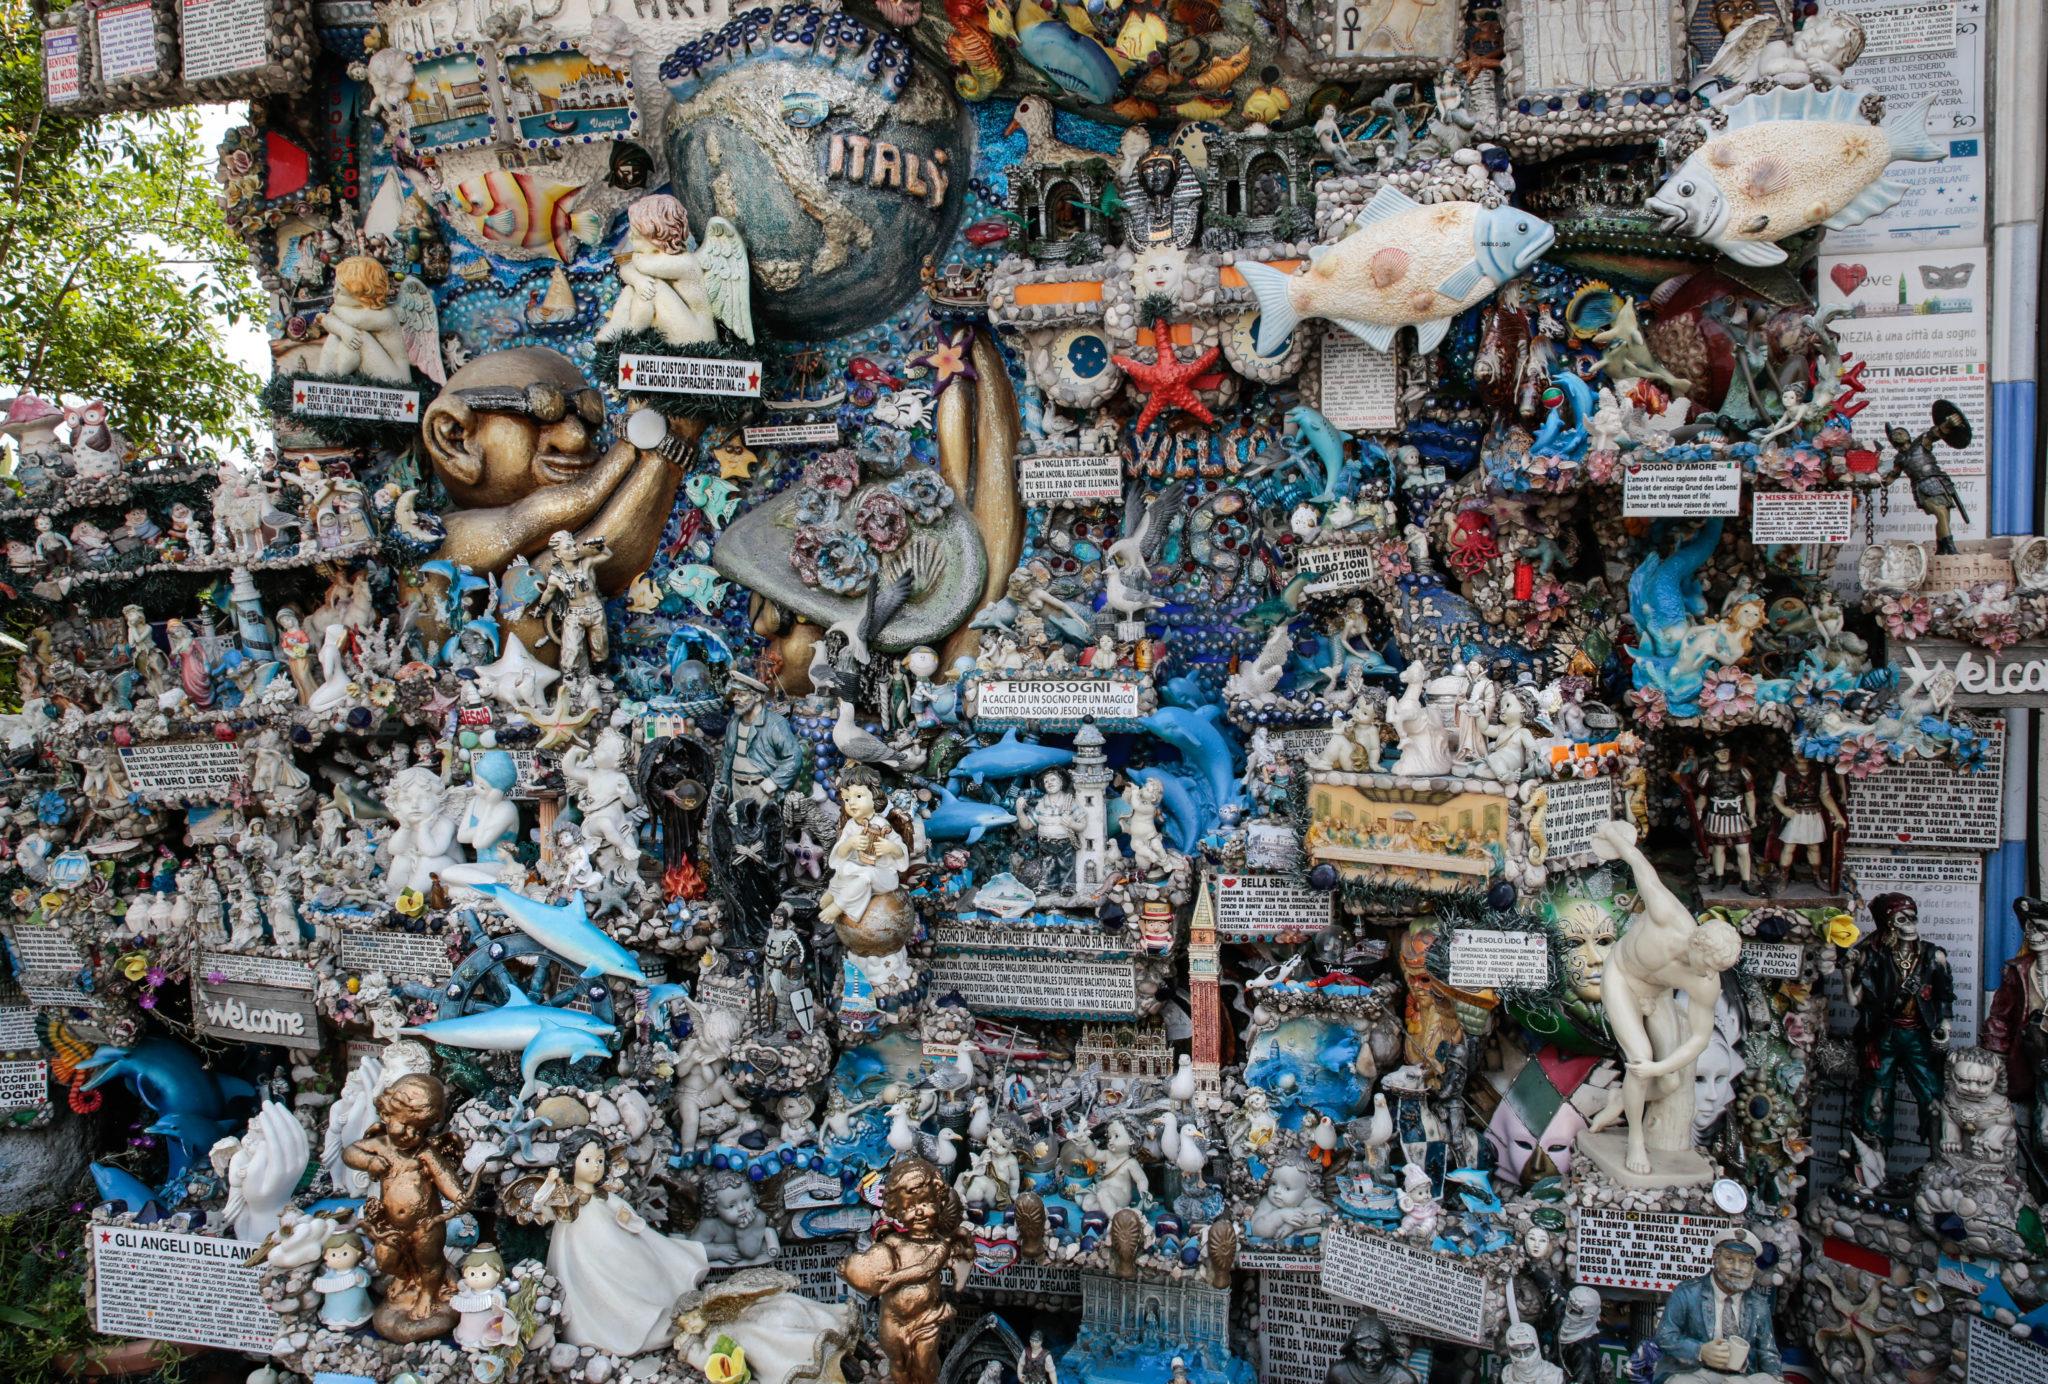 Da una piccola flotta di barche dipinta su una macchia di umidità è nato il muro dei sogni di Corrado Bricchi, un'esposizione permanente aperta a tutti